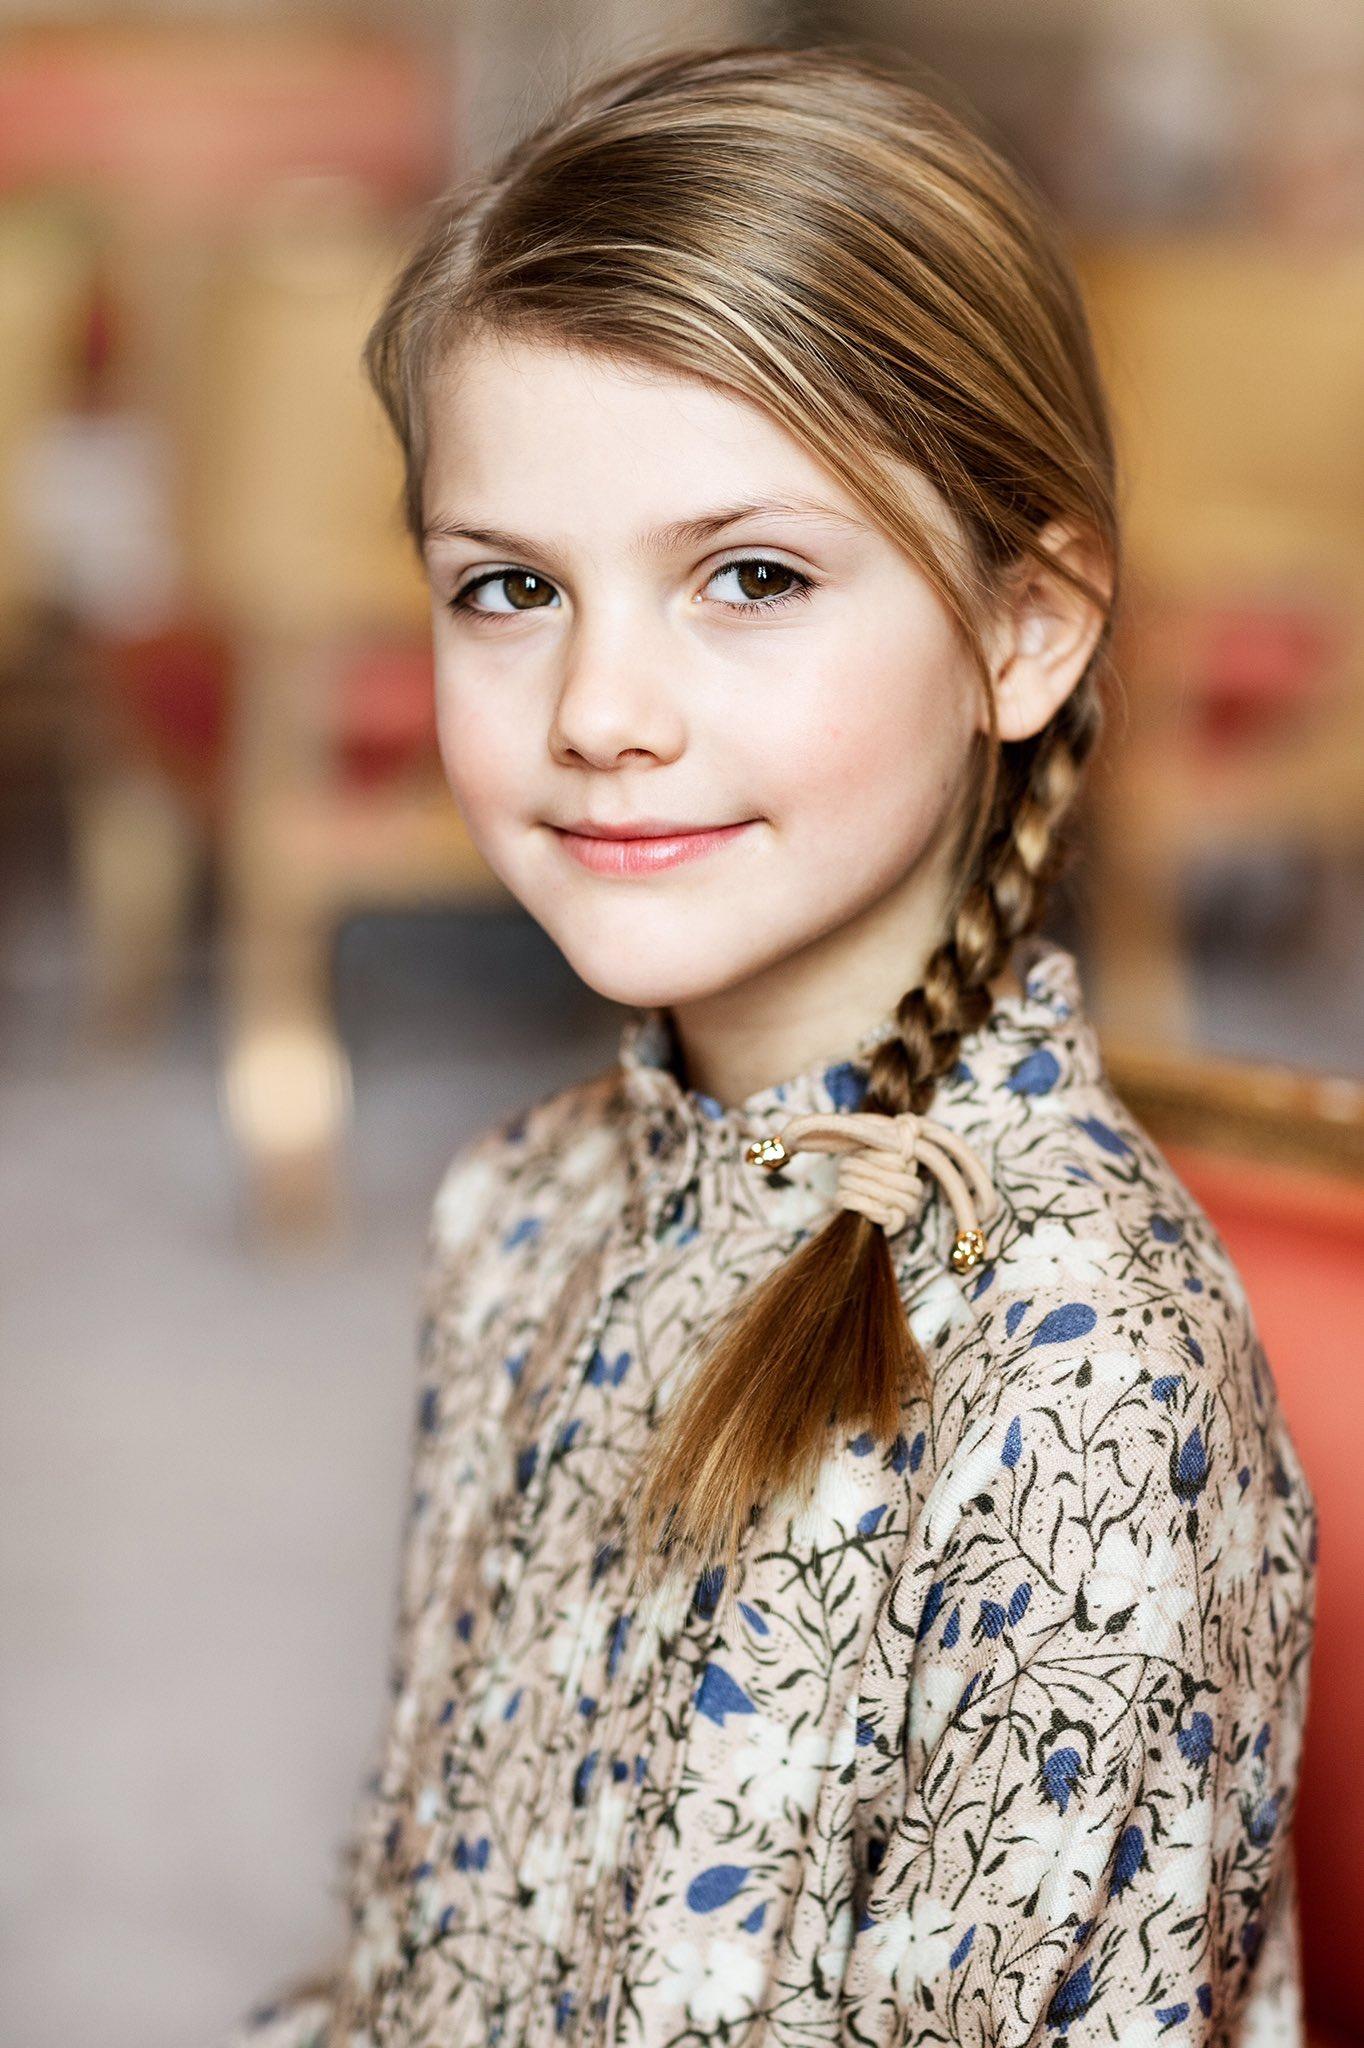 Tiểu công chúa Estelle mặc đầm hoa, tết tóc xinh xắn